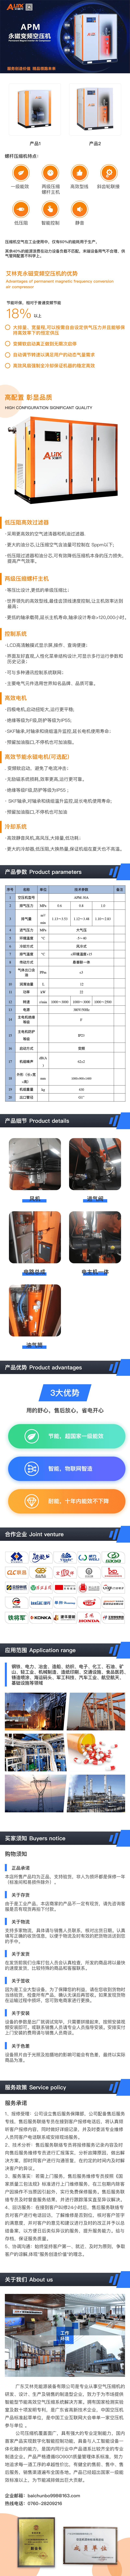 永磁变频螺杆空压机(APM-30A).png